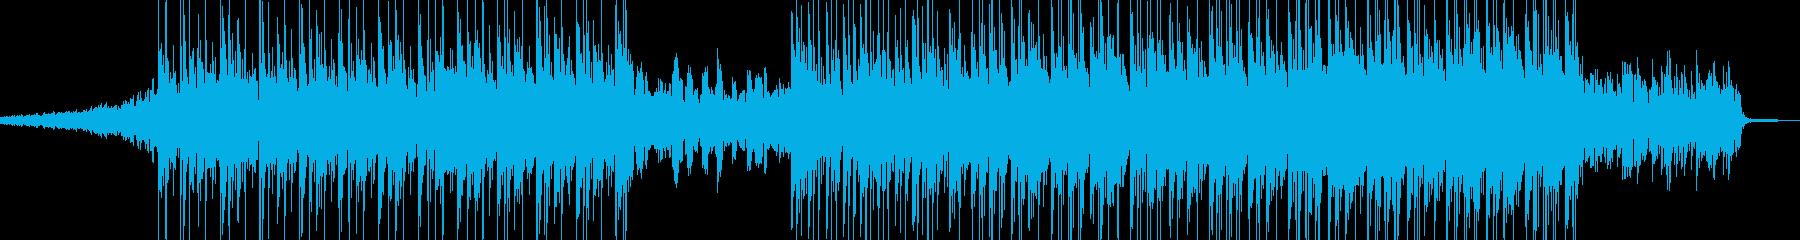 電脳・近未来・エレクトロギターポップ Aの再生済みの波形